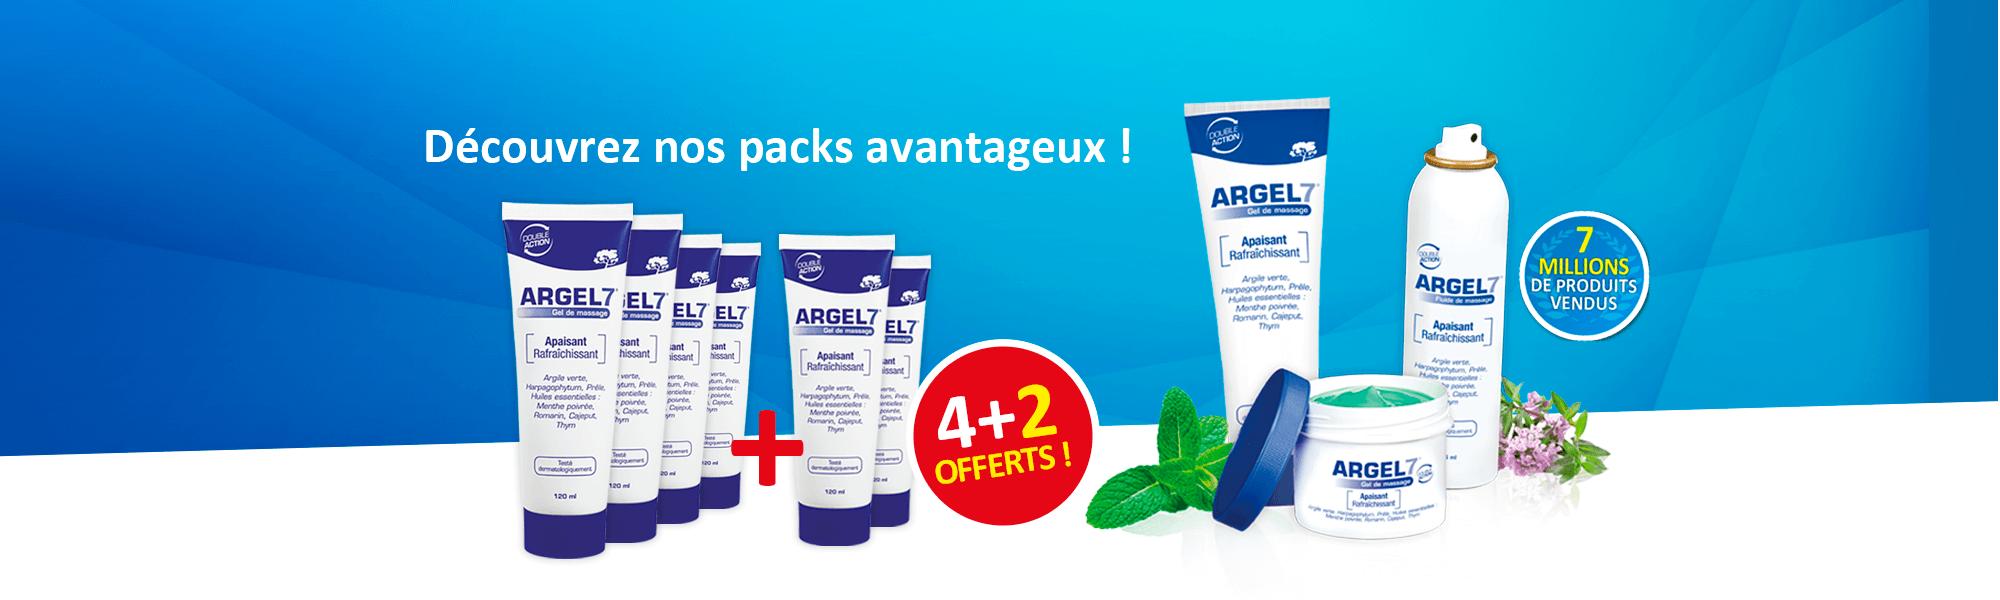 Packs avantageux  de produits massage Argel 7